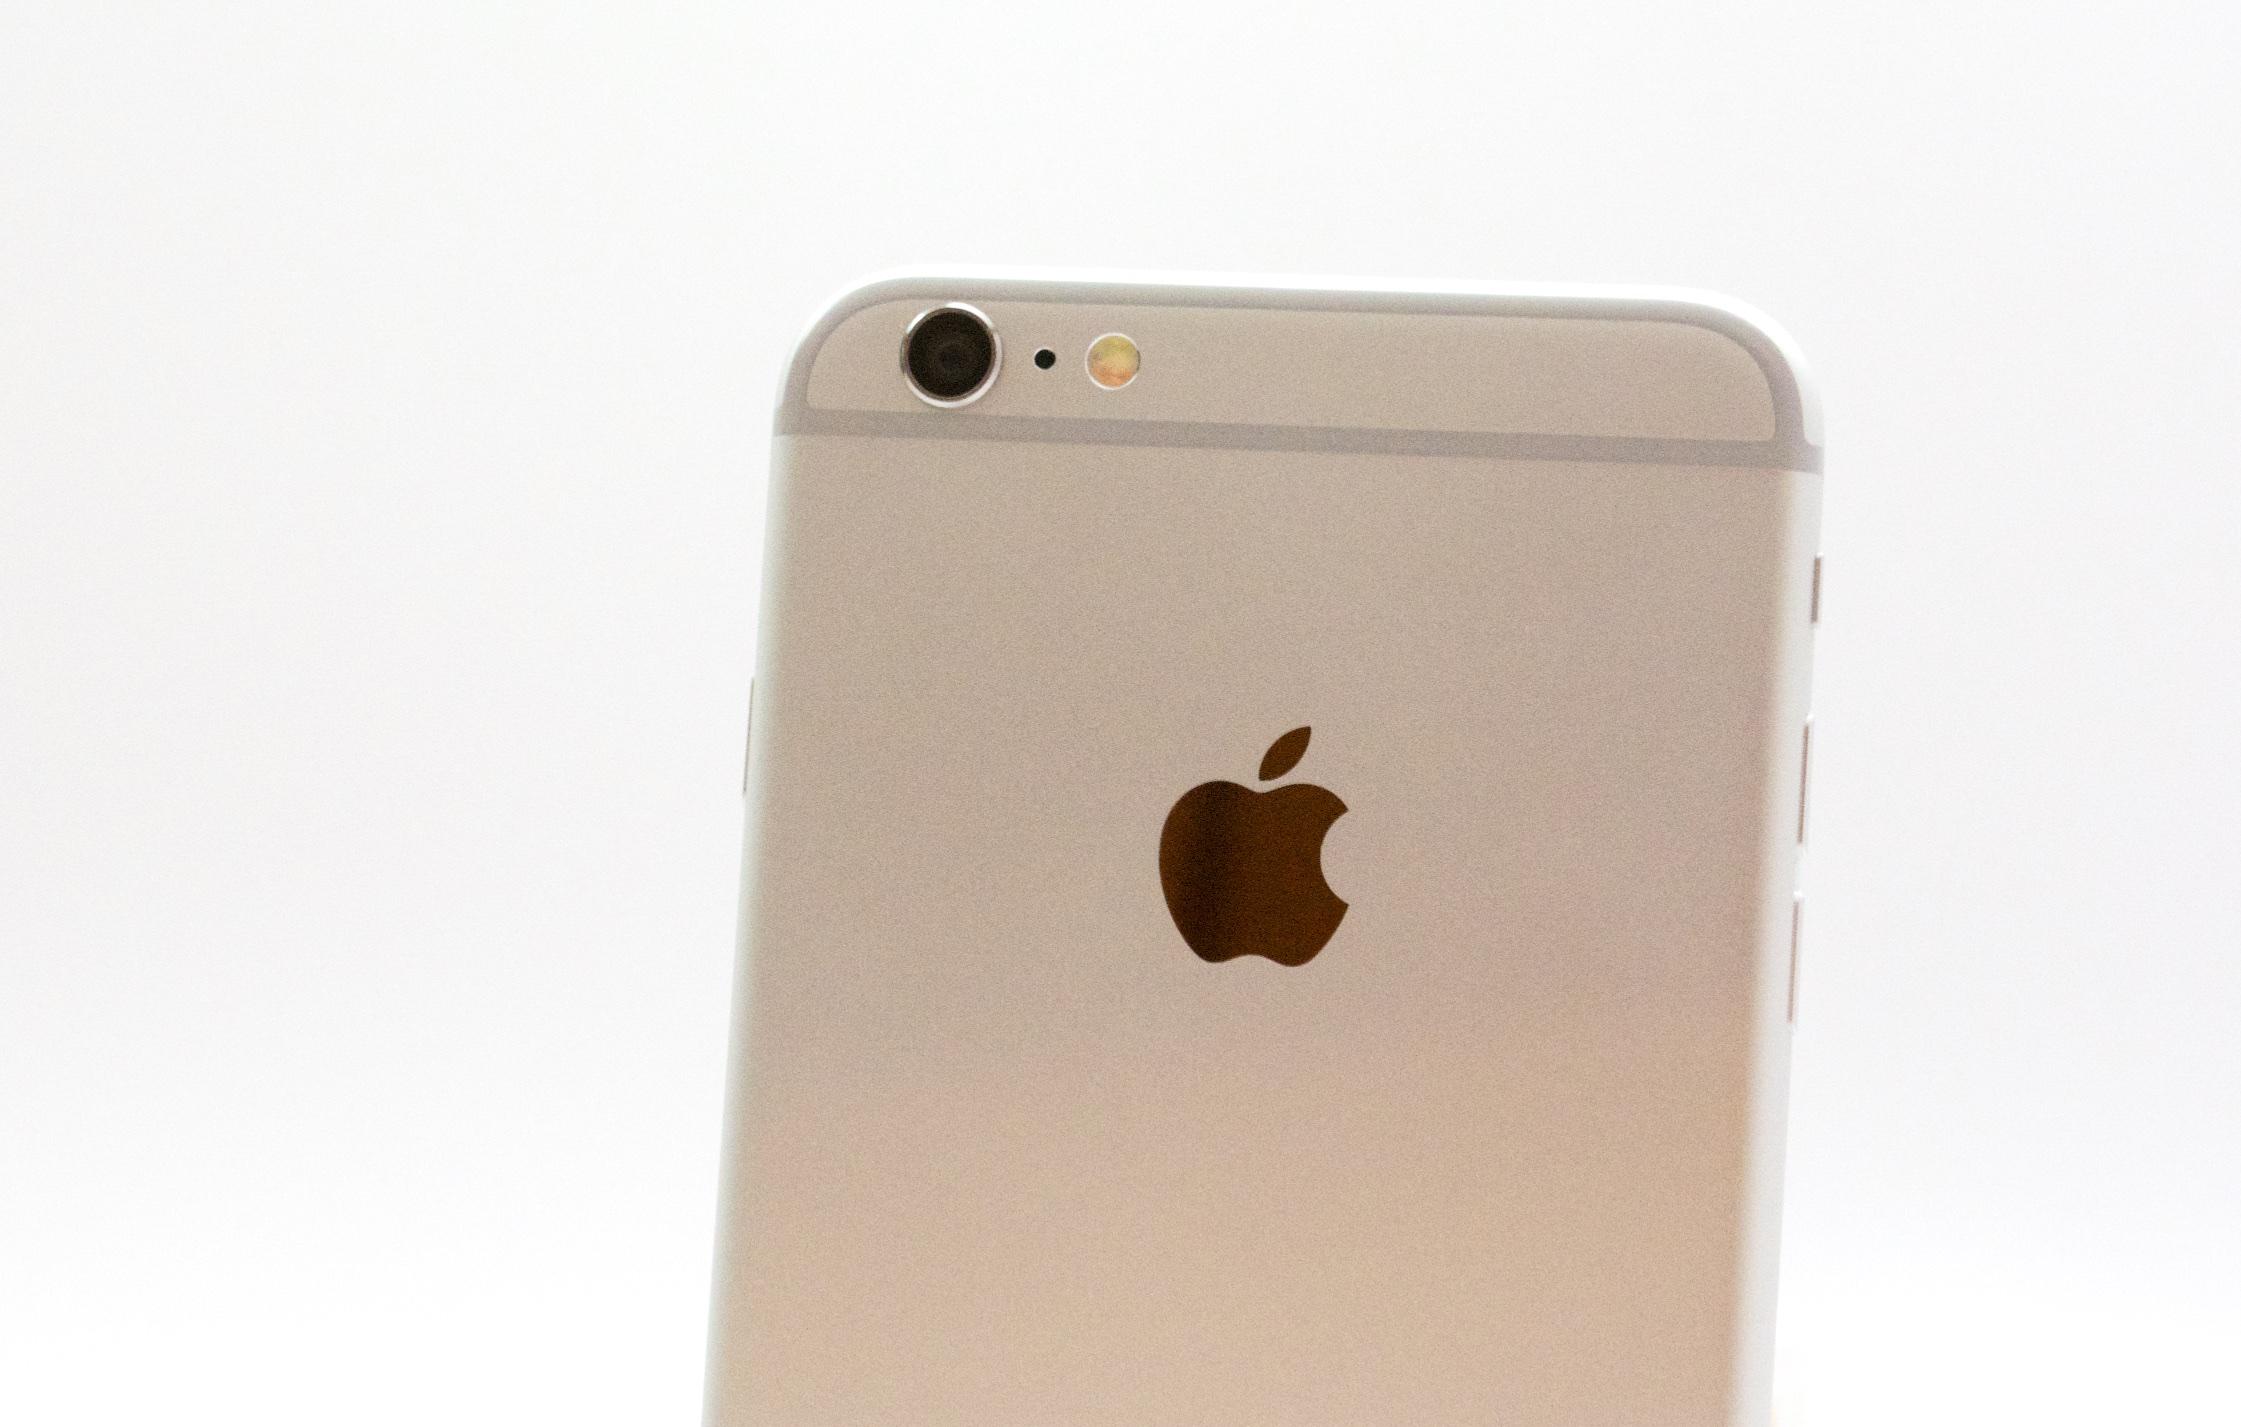 Granskning av iPhone 6 Plus - 9